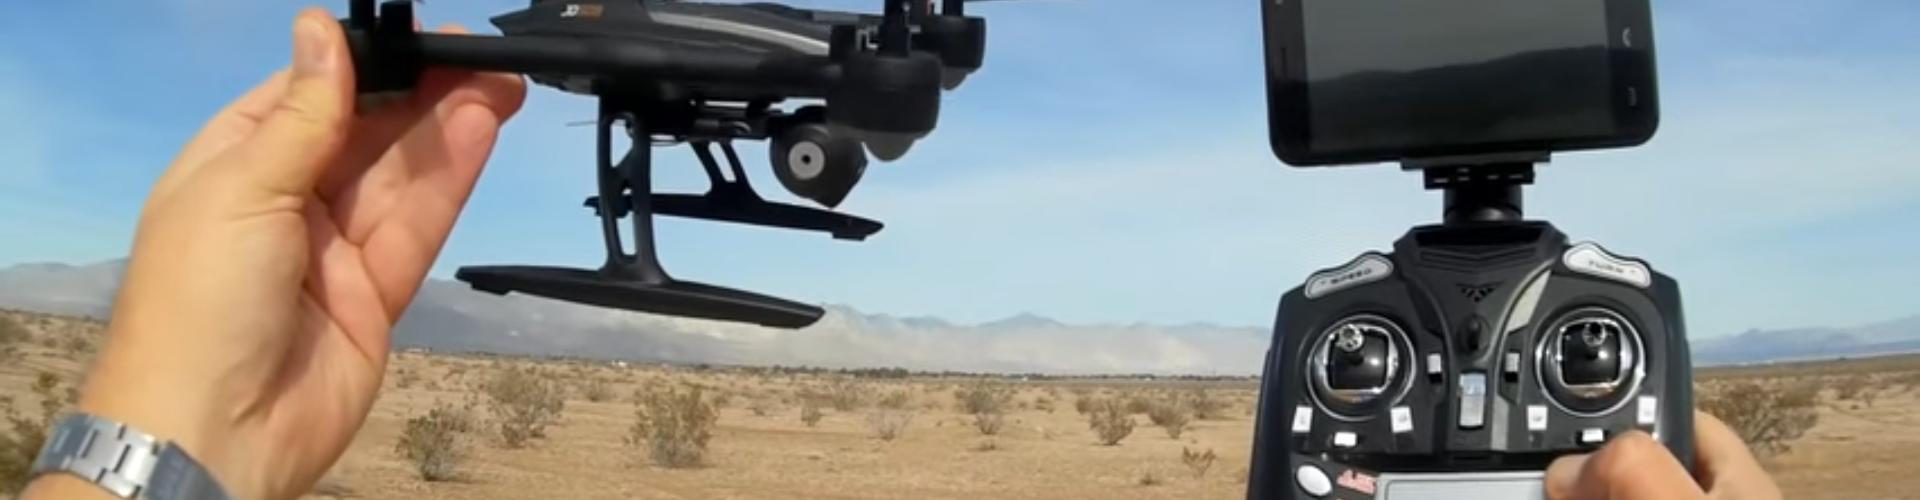 Недорогой квадрокоптер JXD 509W с FPV-камерой